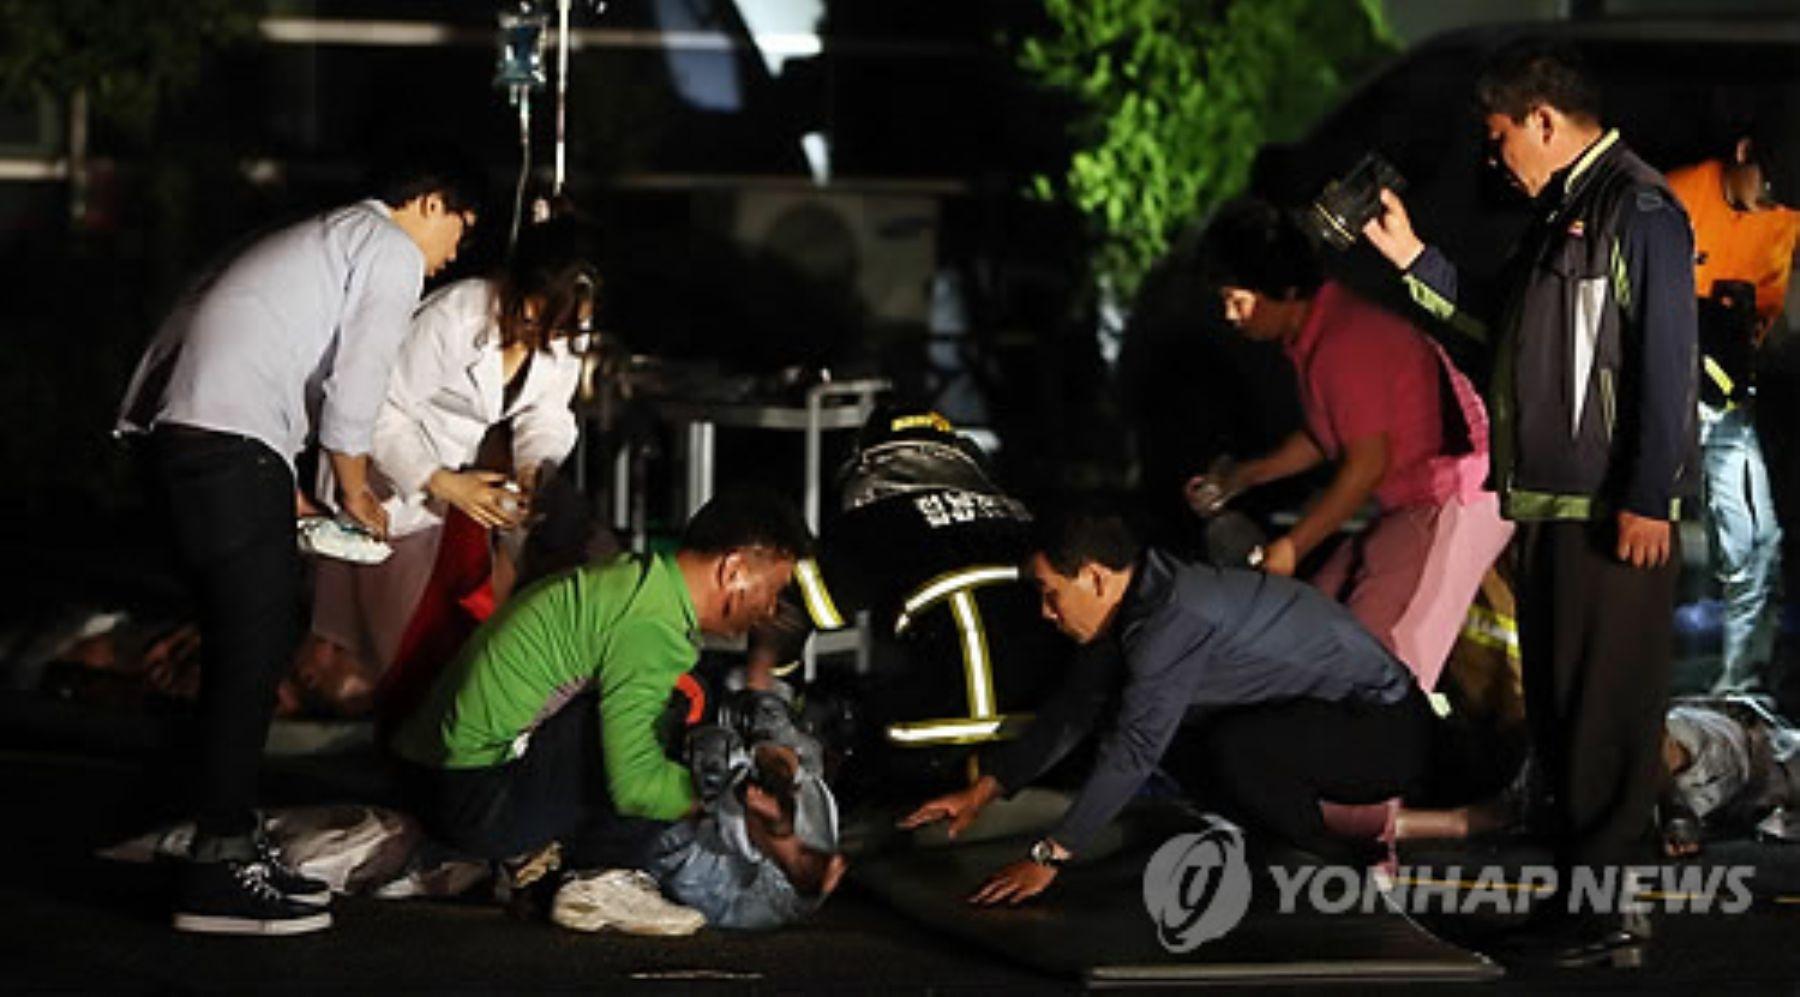 Incendio en hospital. Foto: Yonahp New.